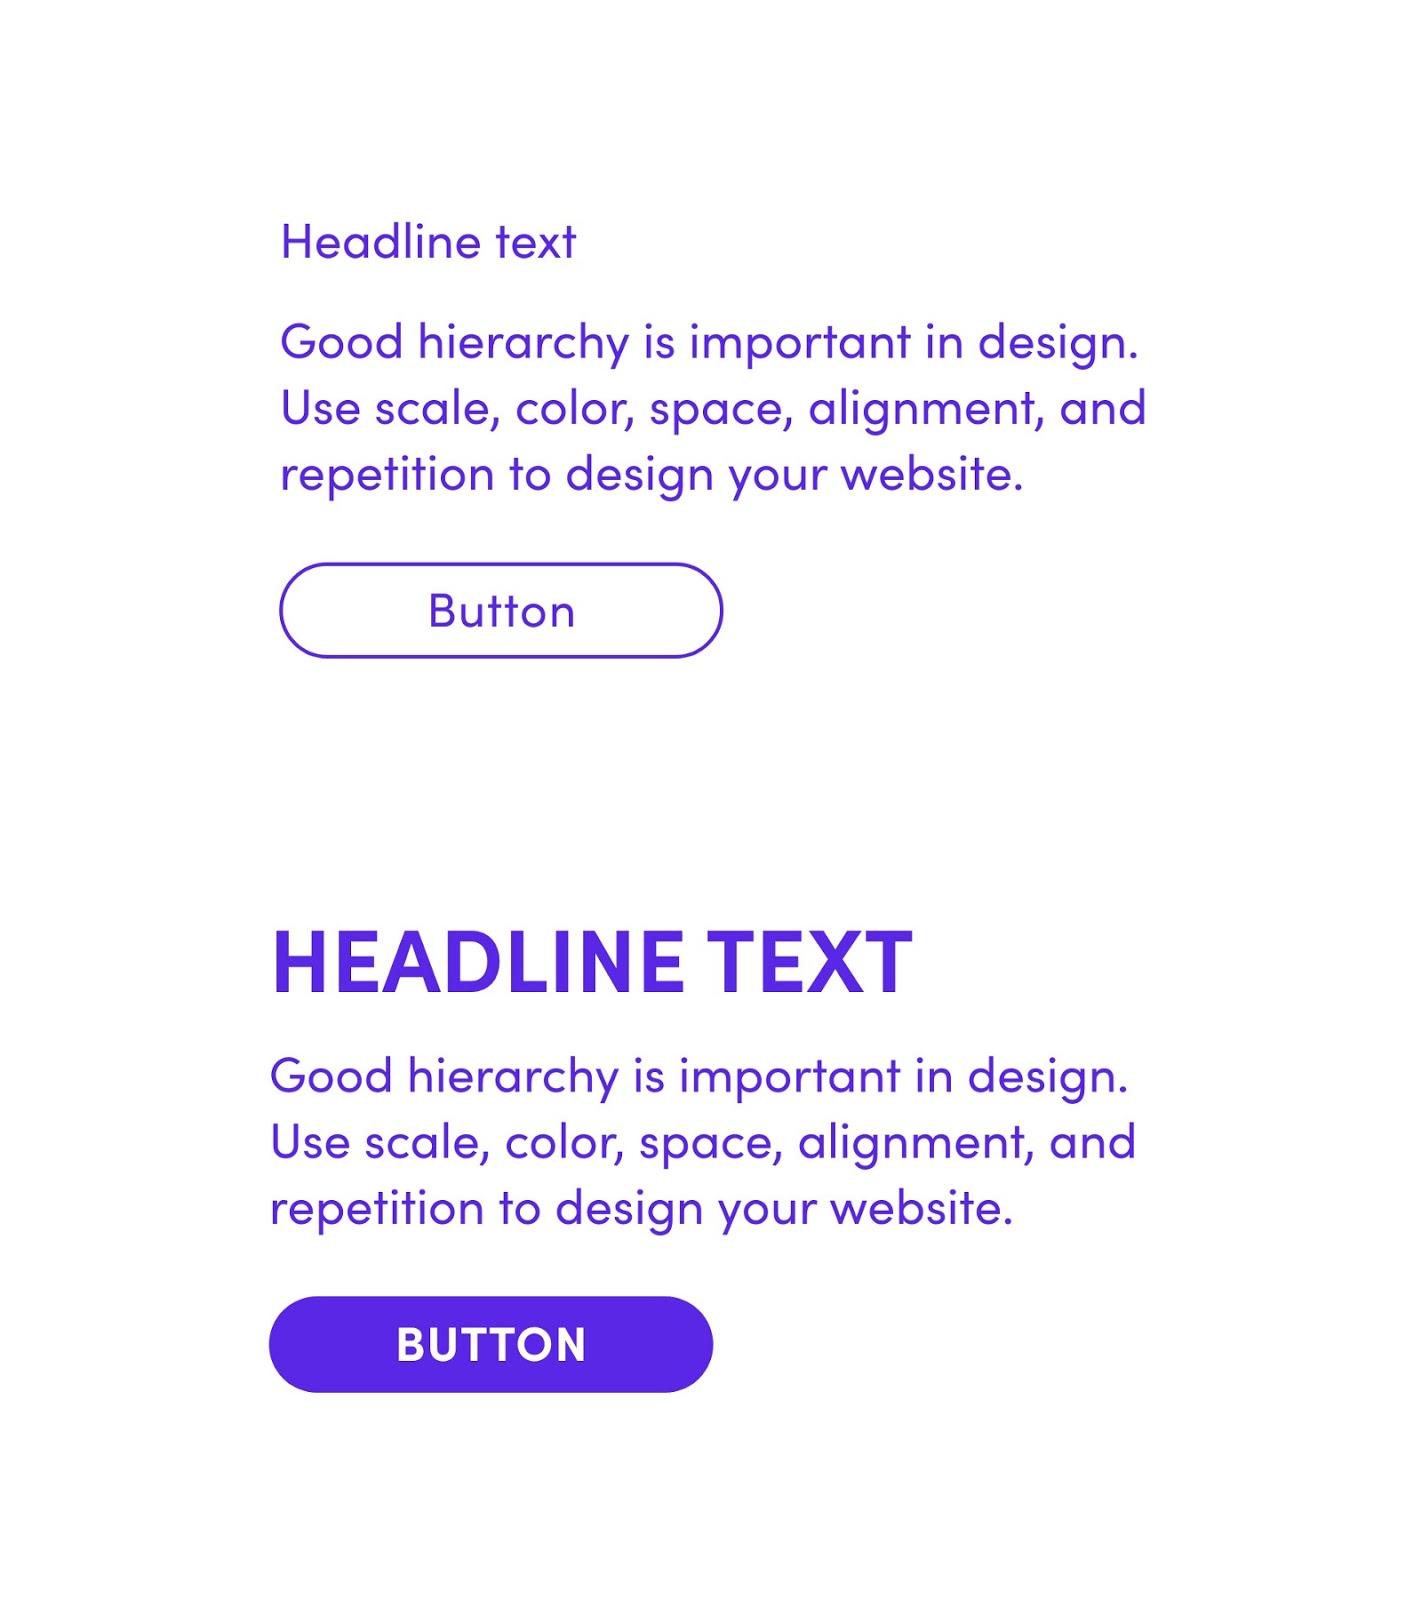 Bad vs good hierarchy in design